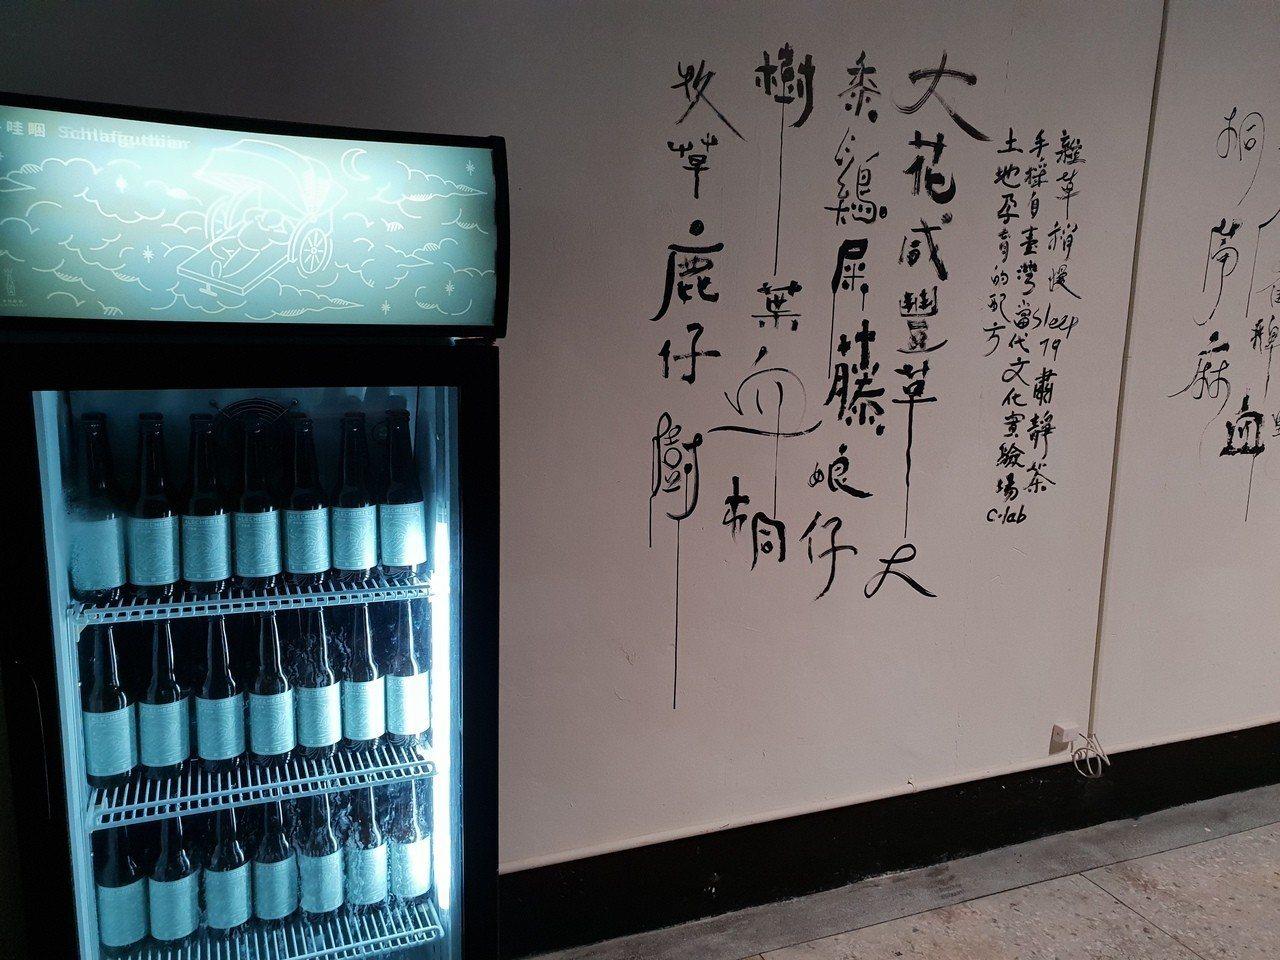 主辦單位提供數種助眠飲料—好睡啤酒與乎哇睏啤酒。記者陳宛茜╱攝影